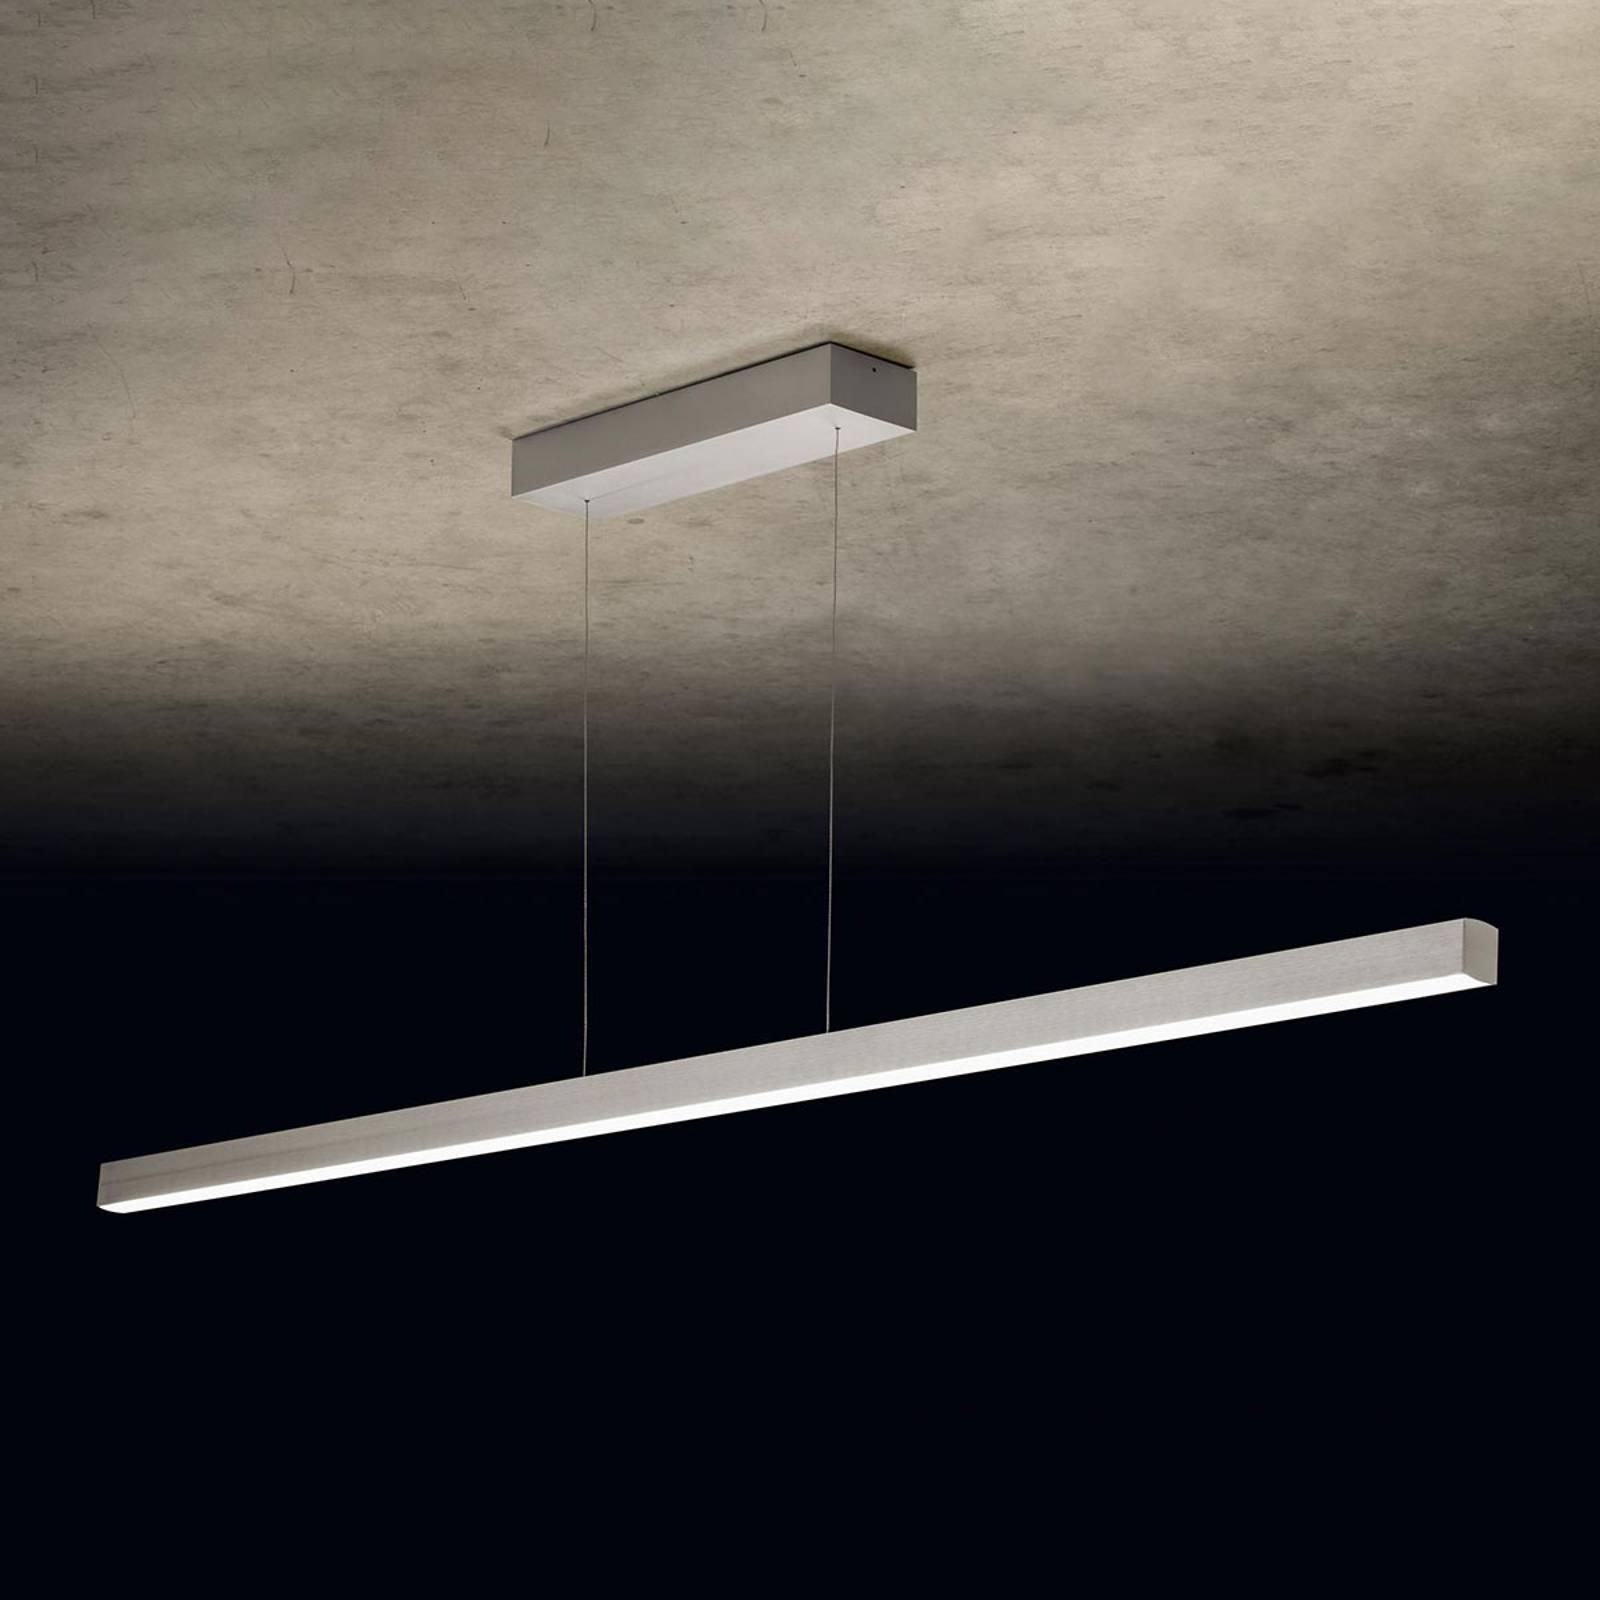 Holtkötter Xena L LED-Hängeleuchte, 160 cm, silber